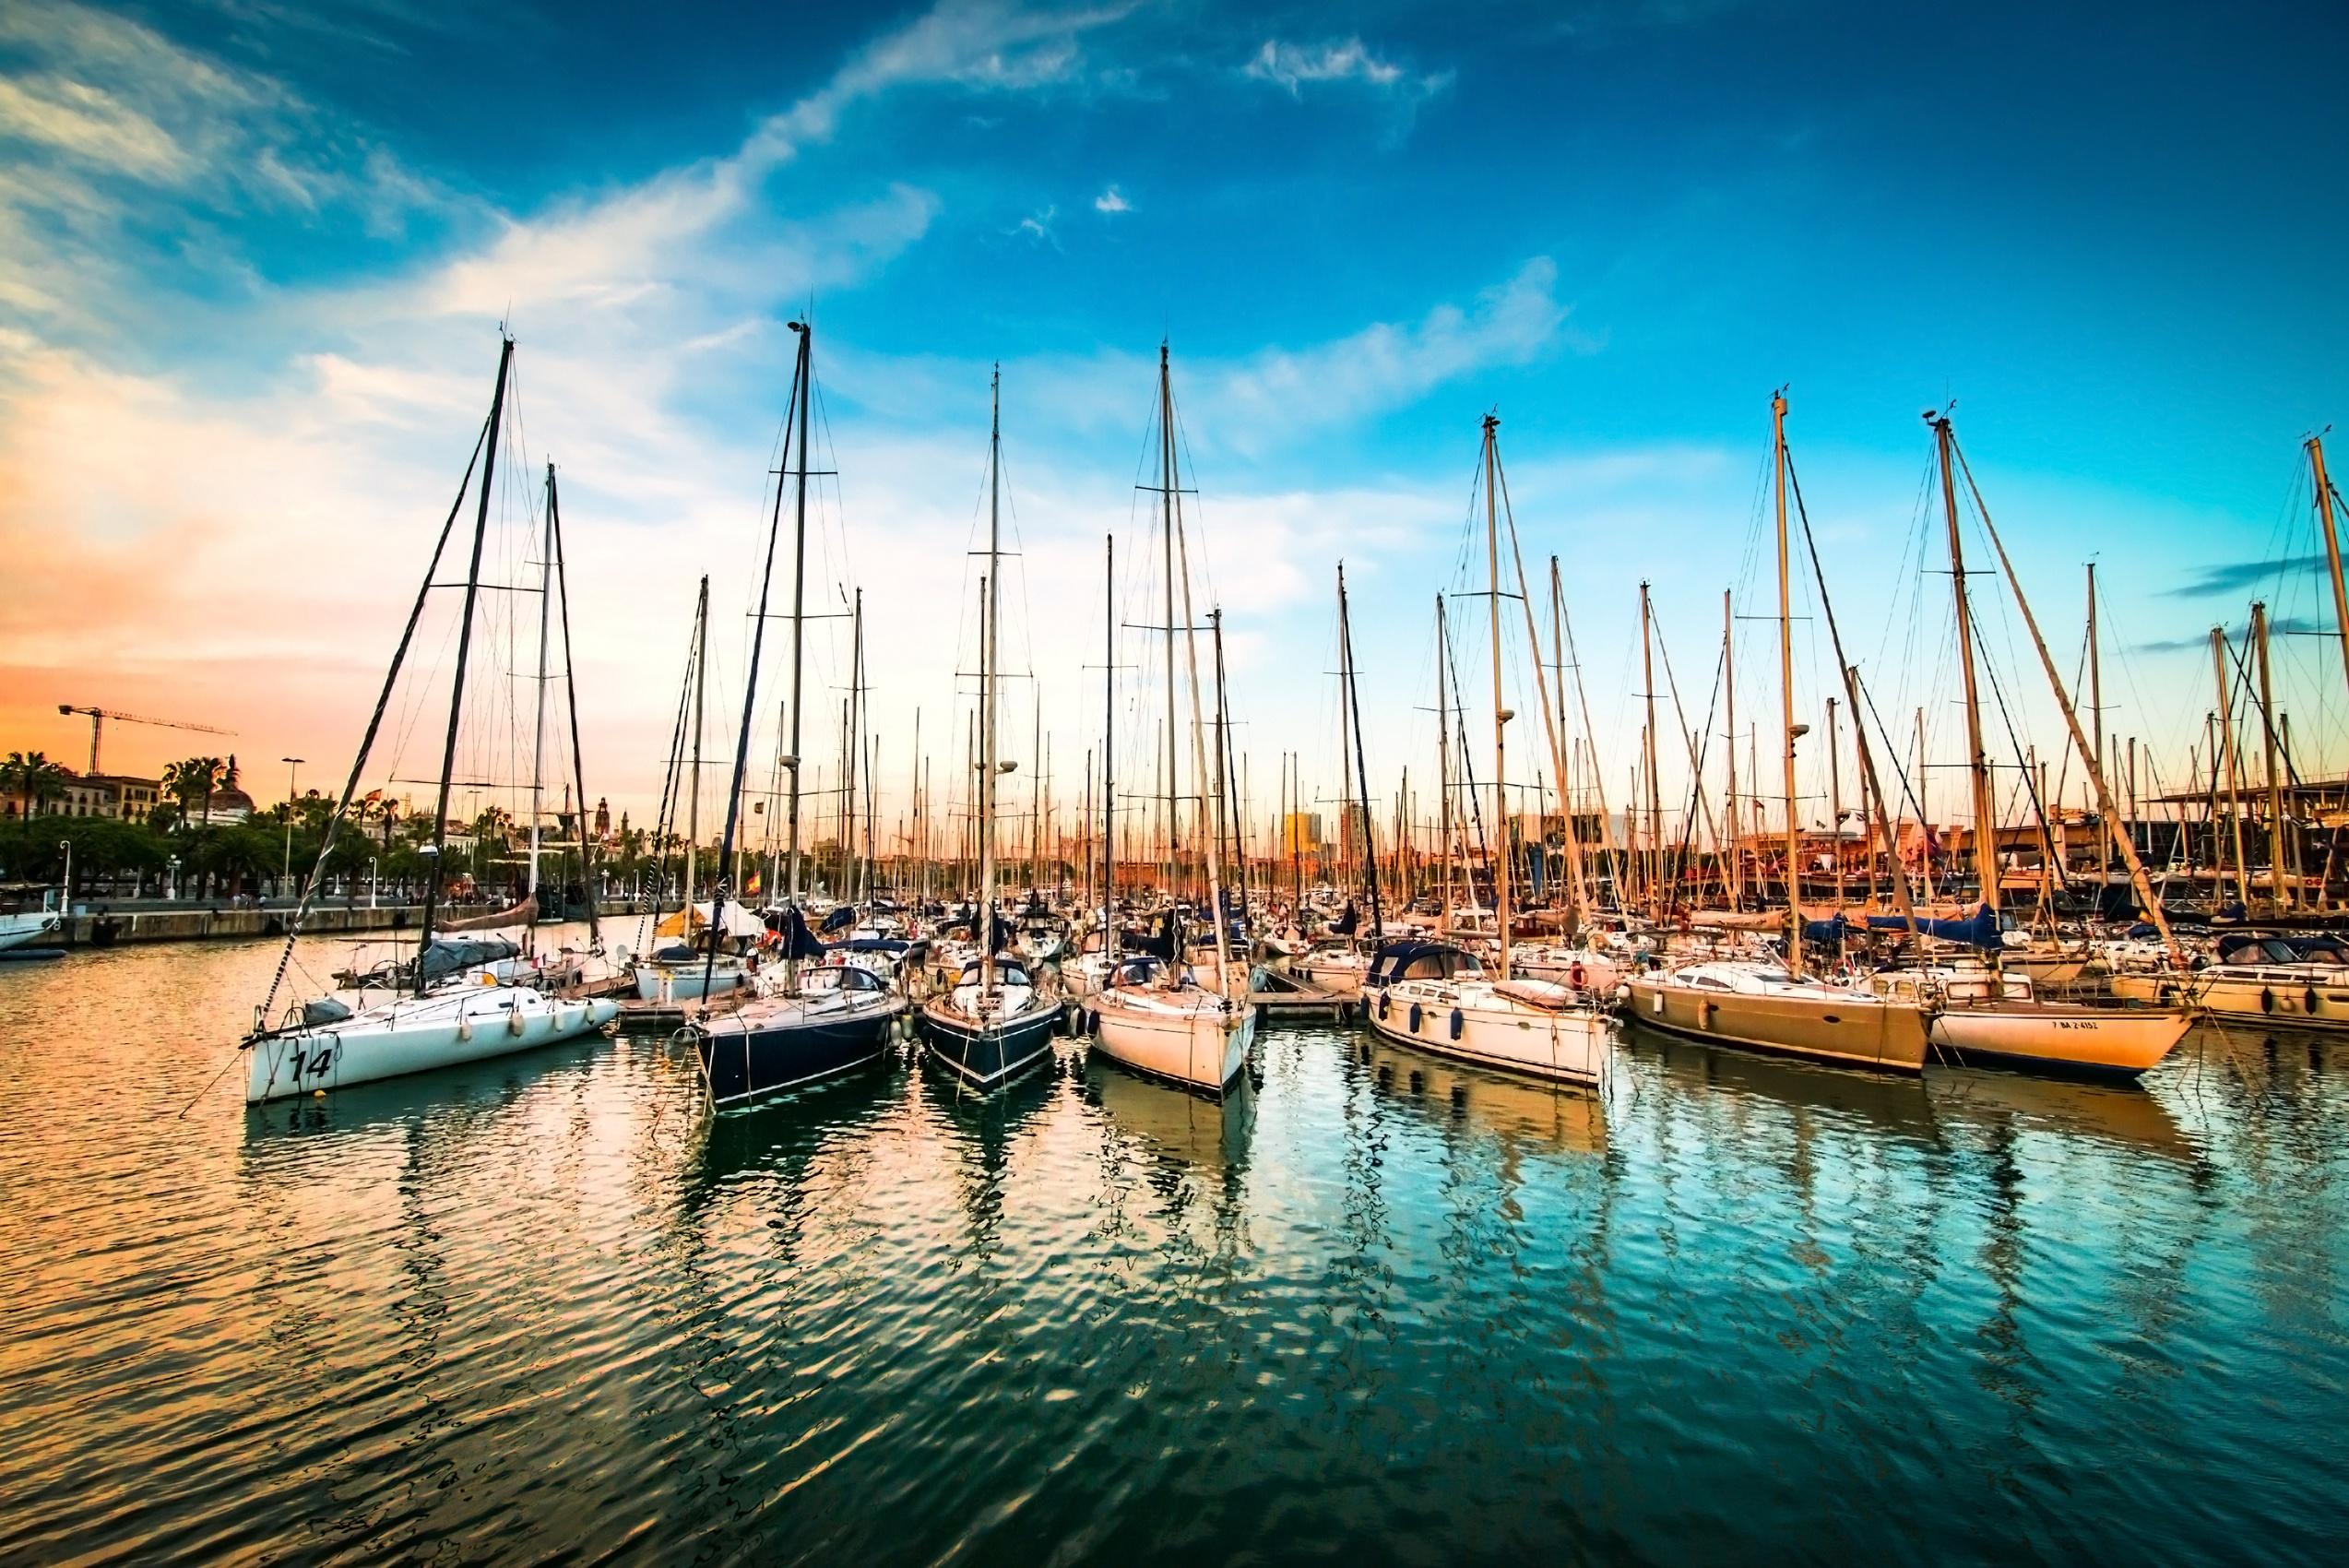 boats-at-sunset